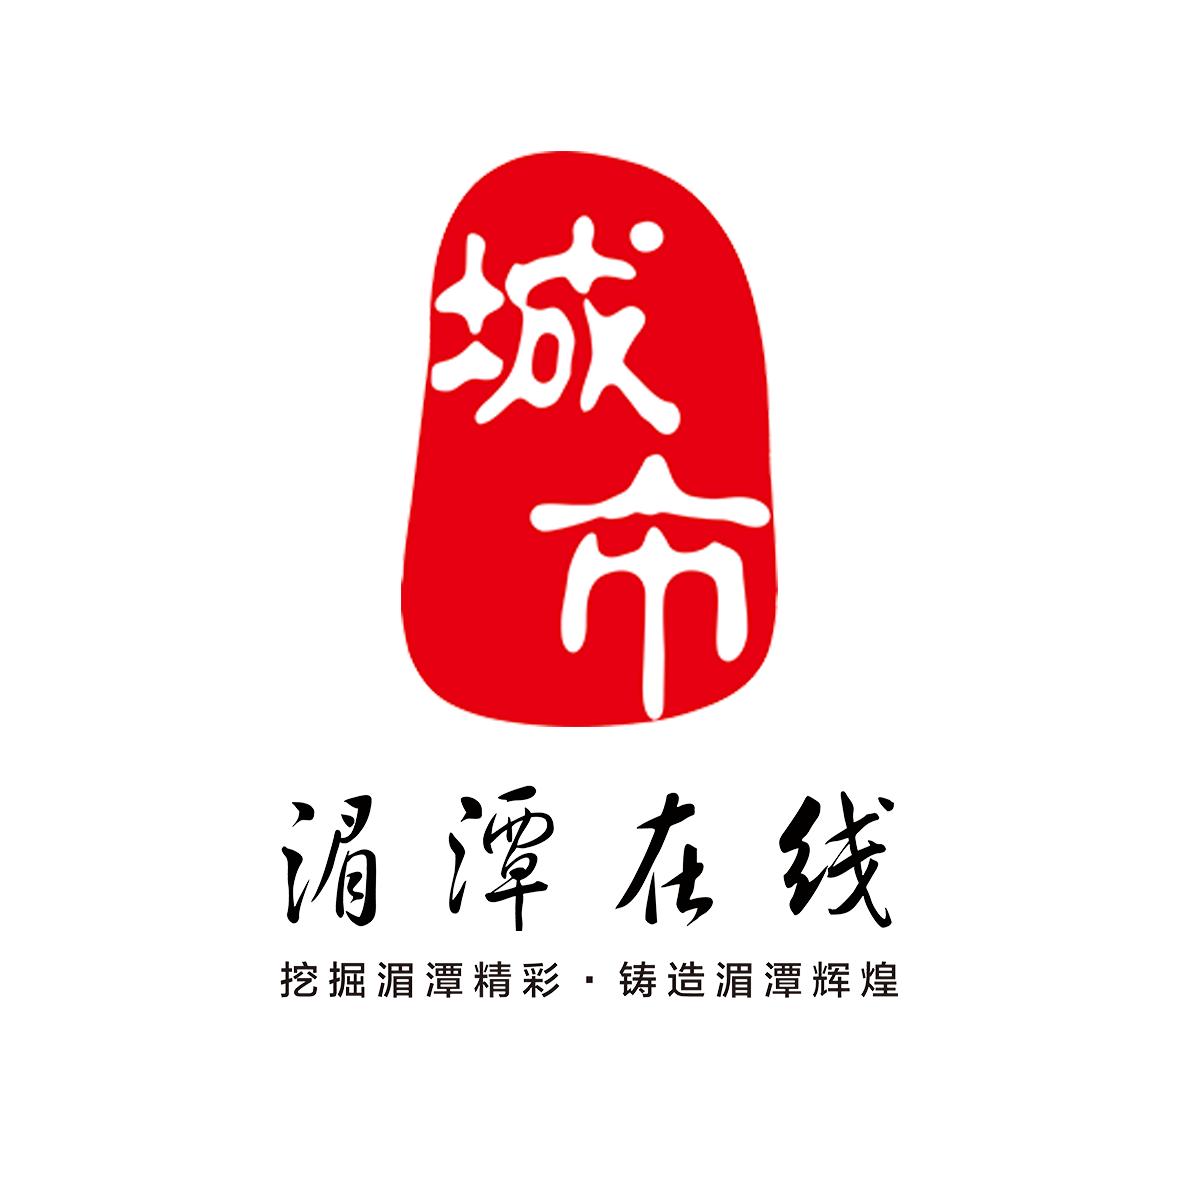 湄潭在线便民服务